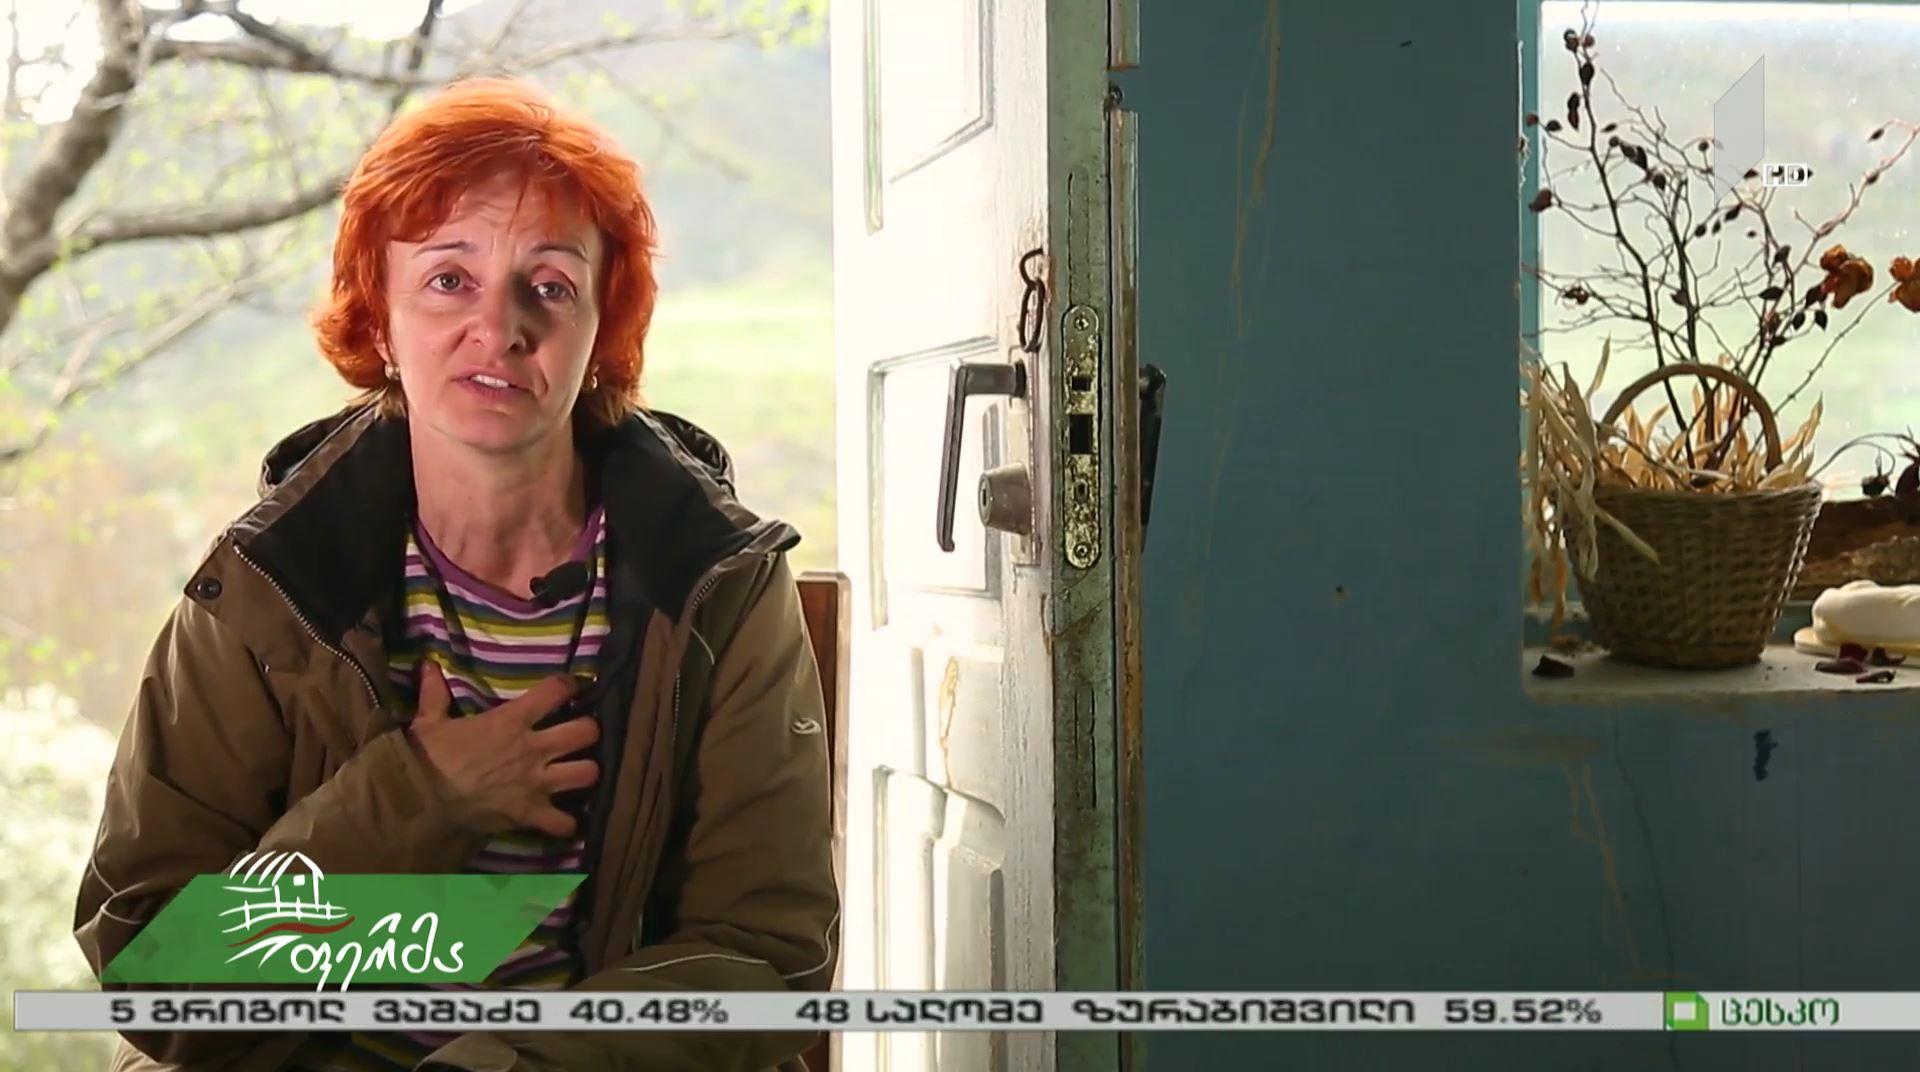 #ახალიდღე #არტიშოკი თბილისელი ქალბატონი, რომელმაც აწყურში საკუთარი მეურნეობა შექმნა